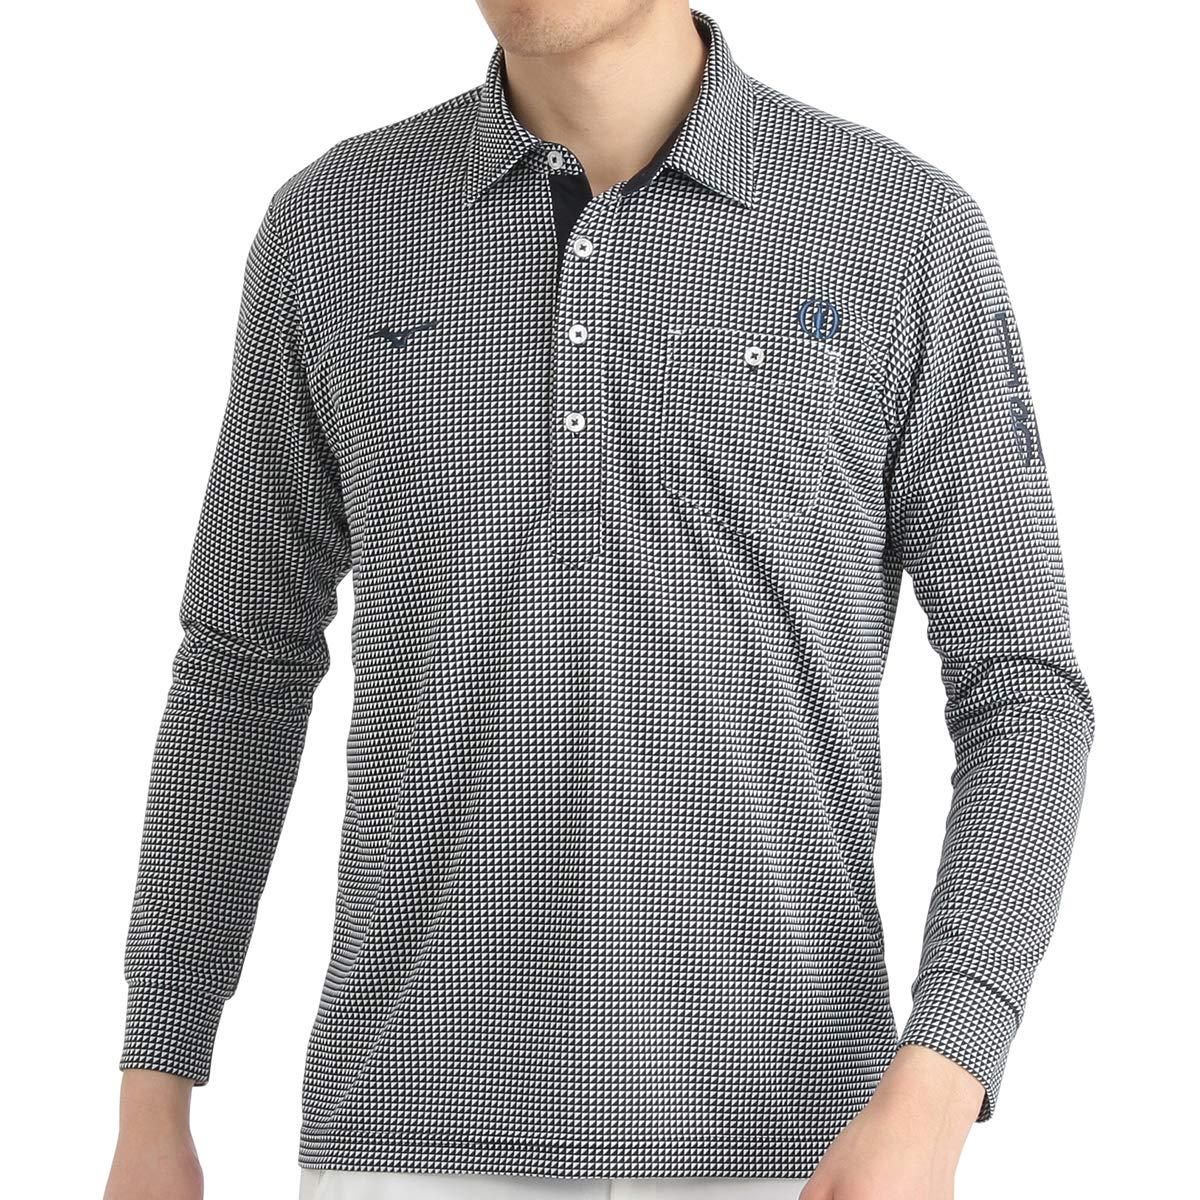 [ミズノ ゴルフ]長袖ポロシャツ メンズ B0797D3FVX 日本 XL (日本サイズXL相当)|ホワイト/ディープネイビー ホワイト/ディープネイビー 日本 XL (日本サイズXL相当)